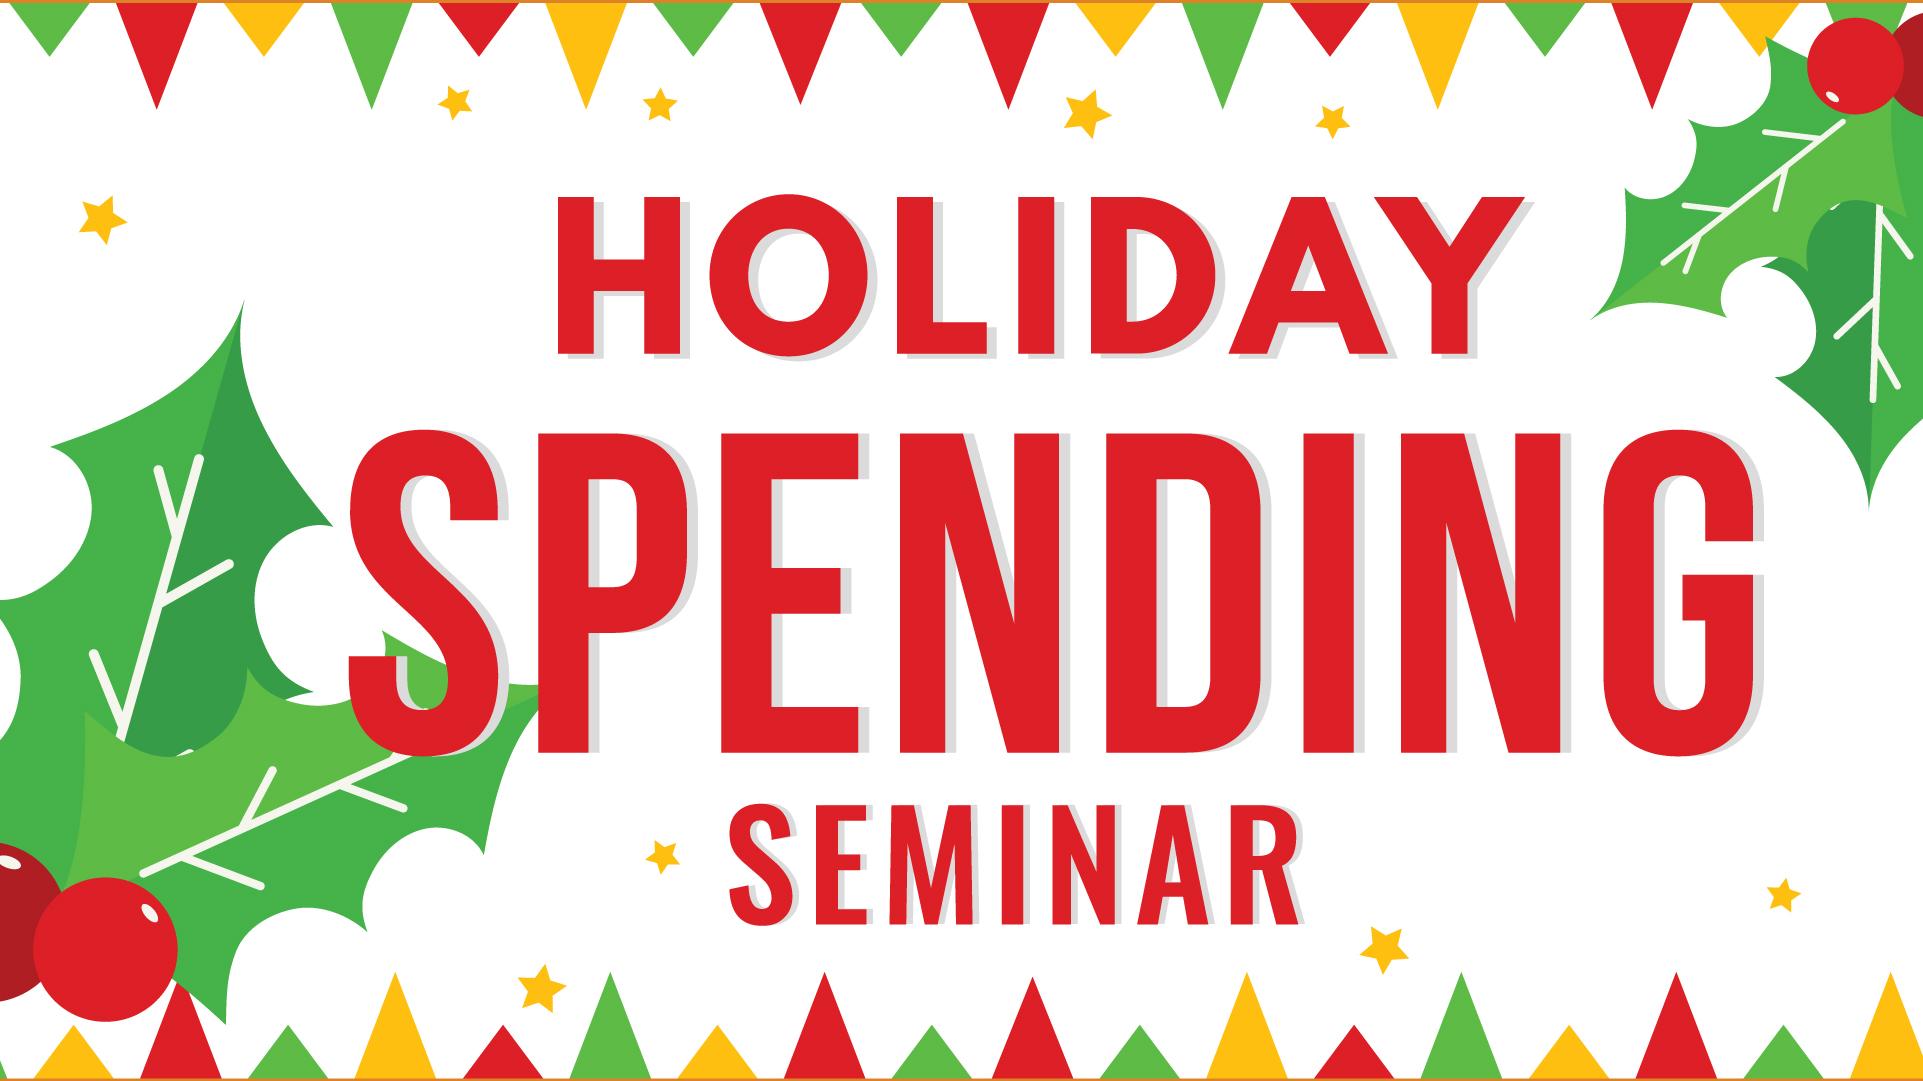 Holiday Spending Seminar